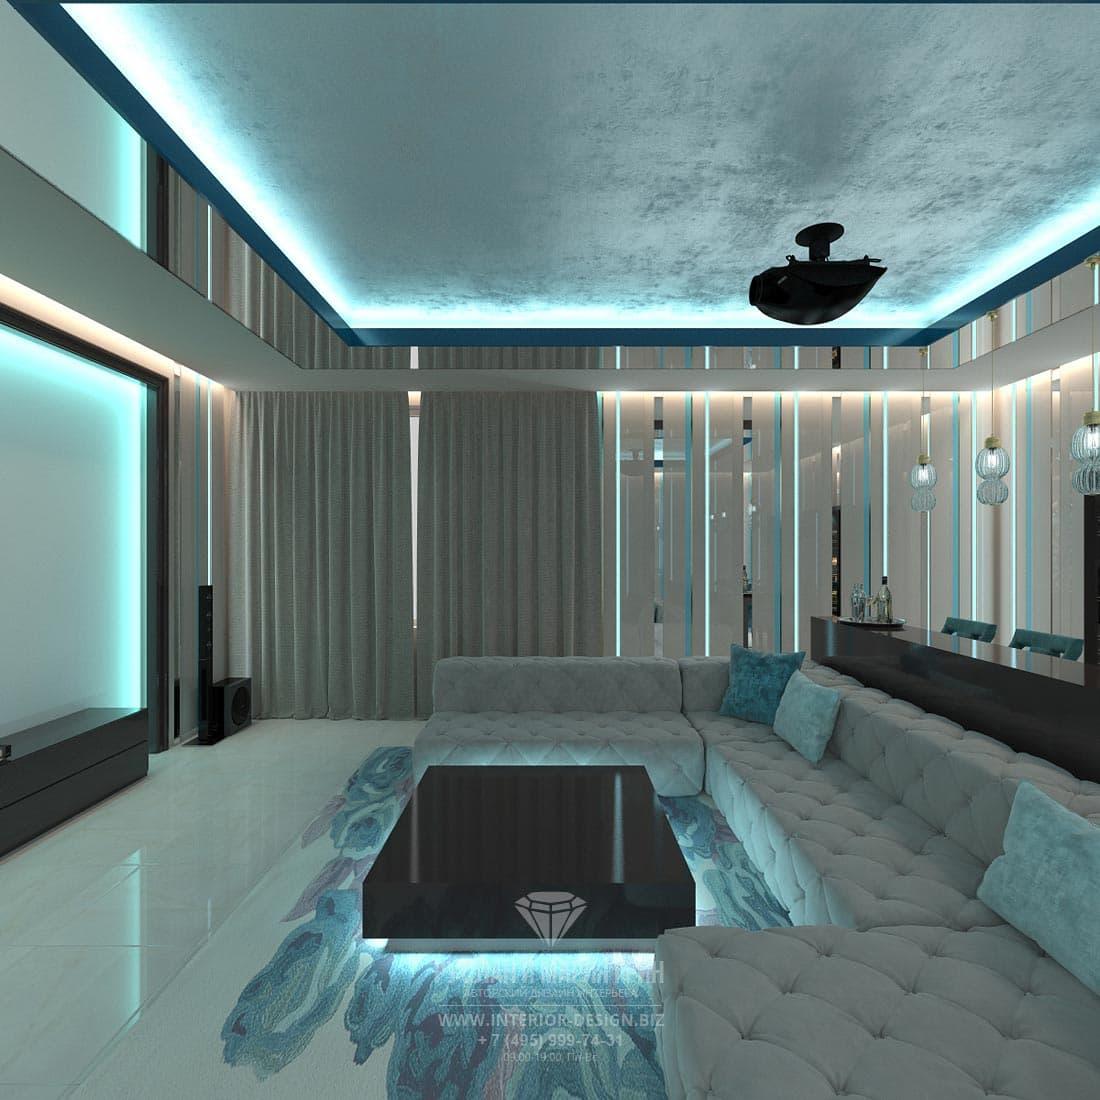 Интерьер домашнего кинотеатра в современном стиле